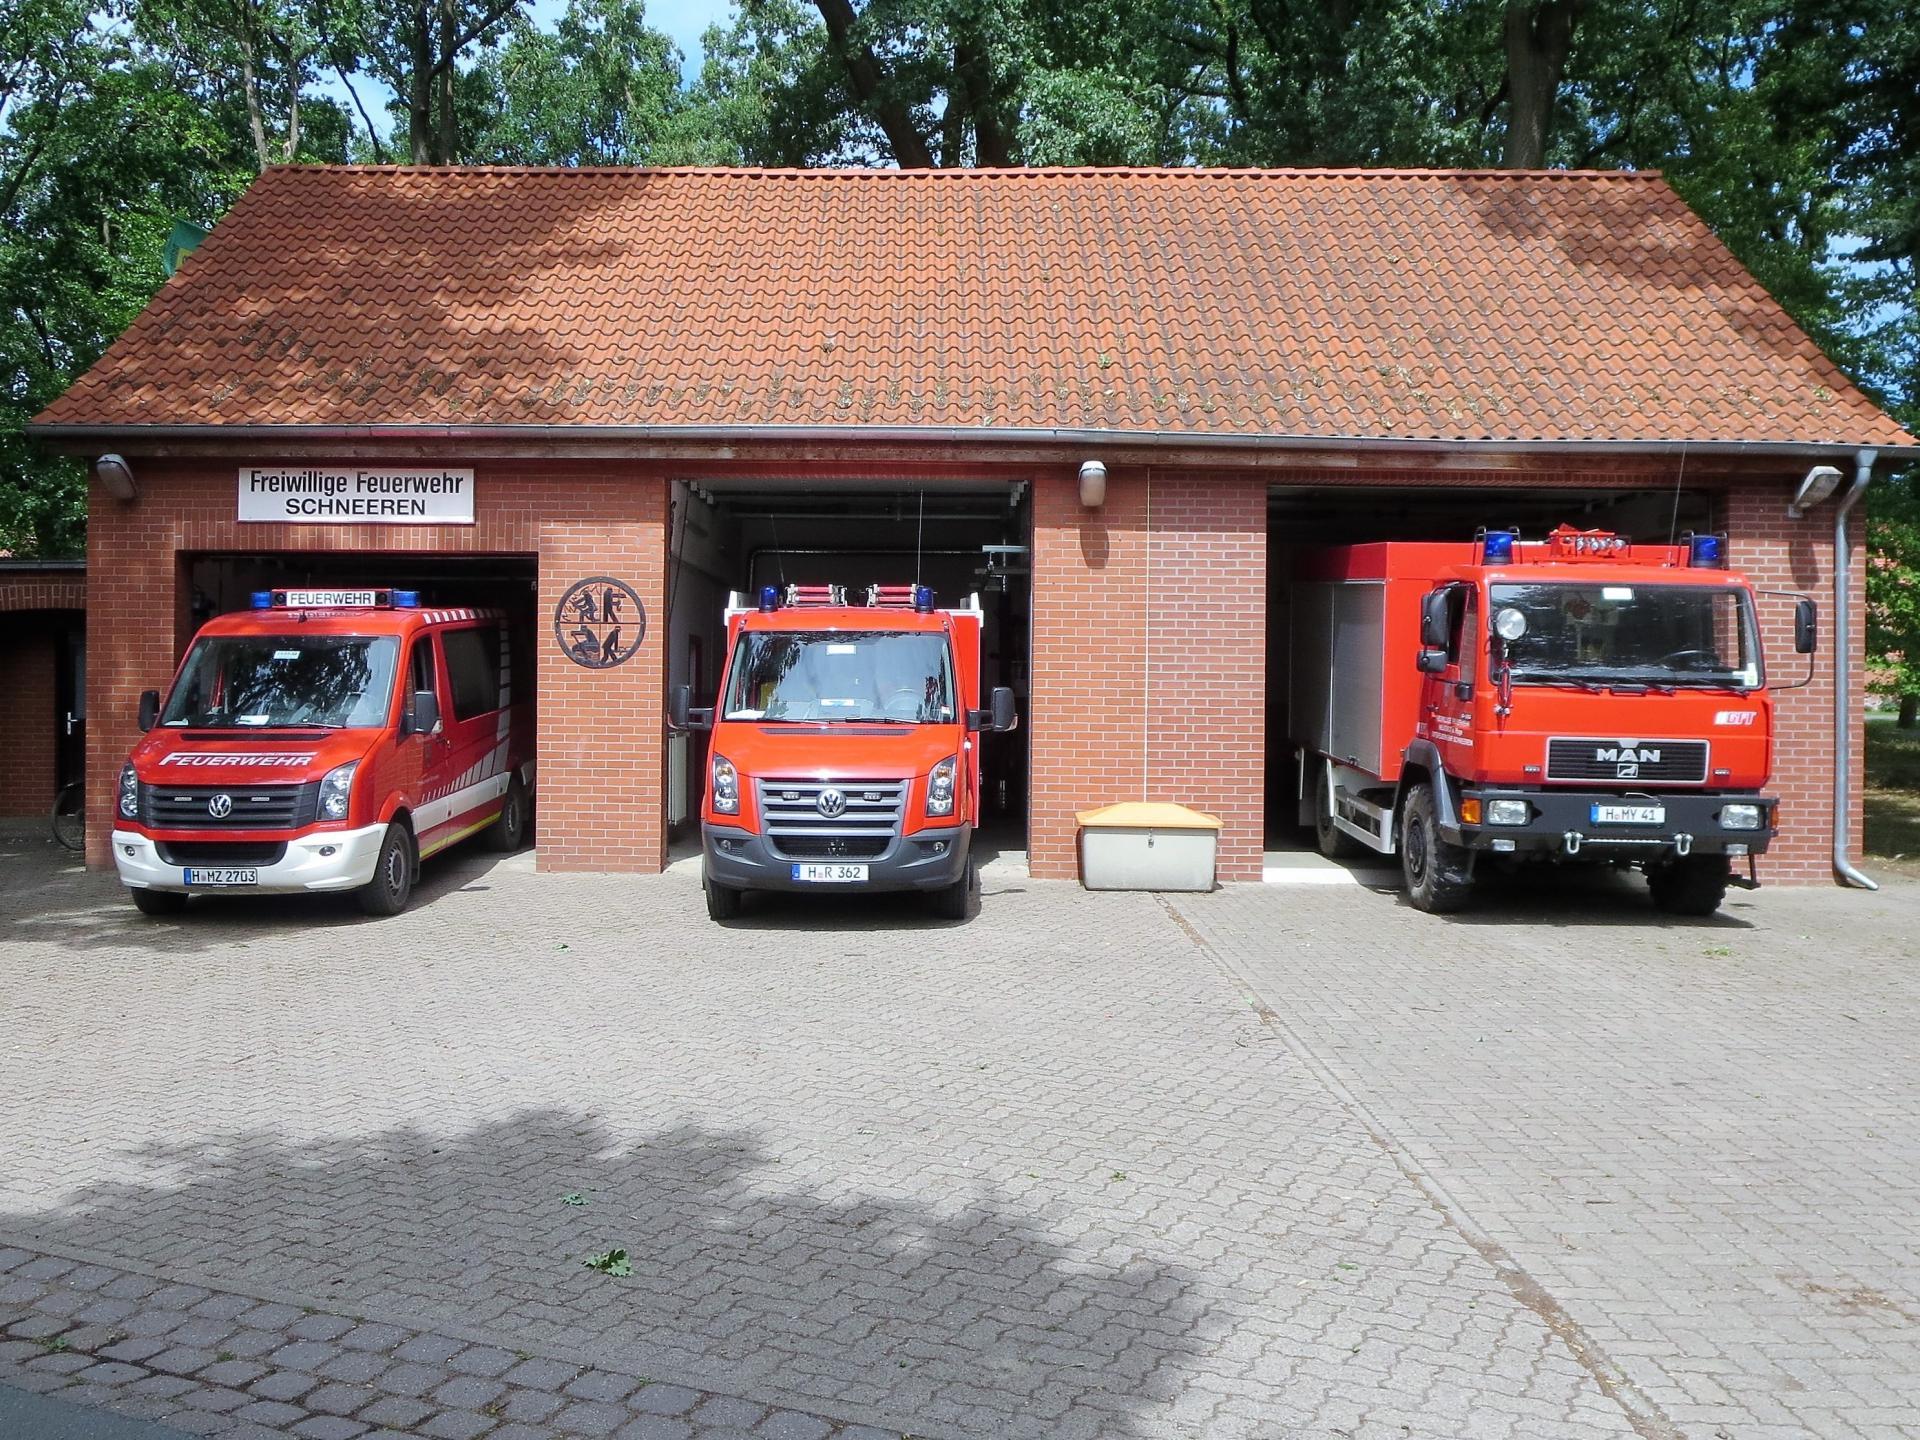 Feuerwehrhaus mit Fahrzeugen 2